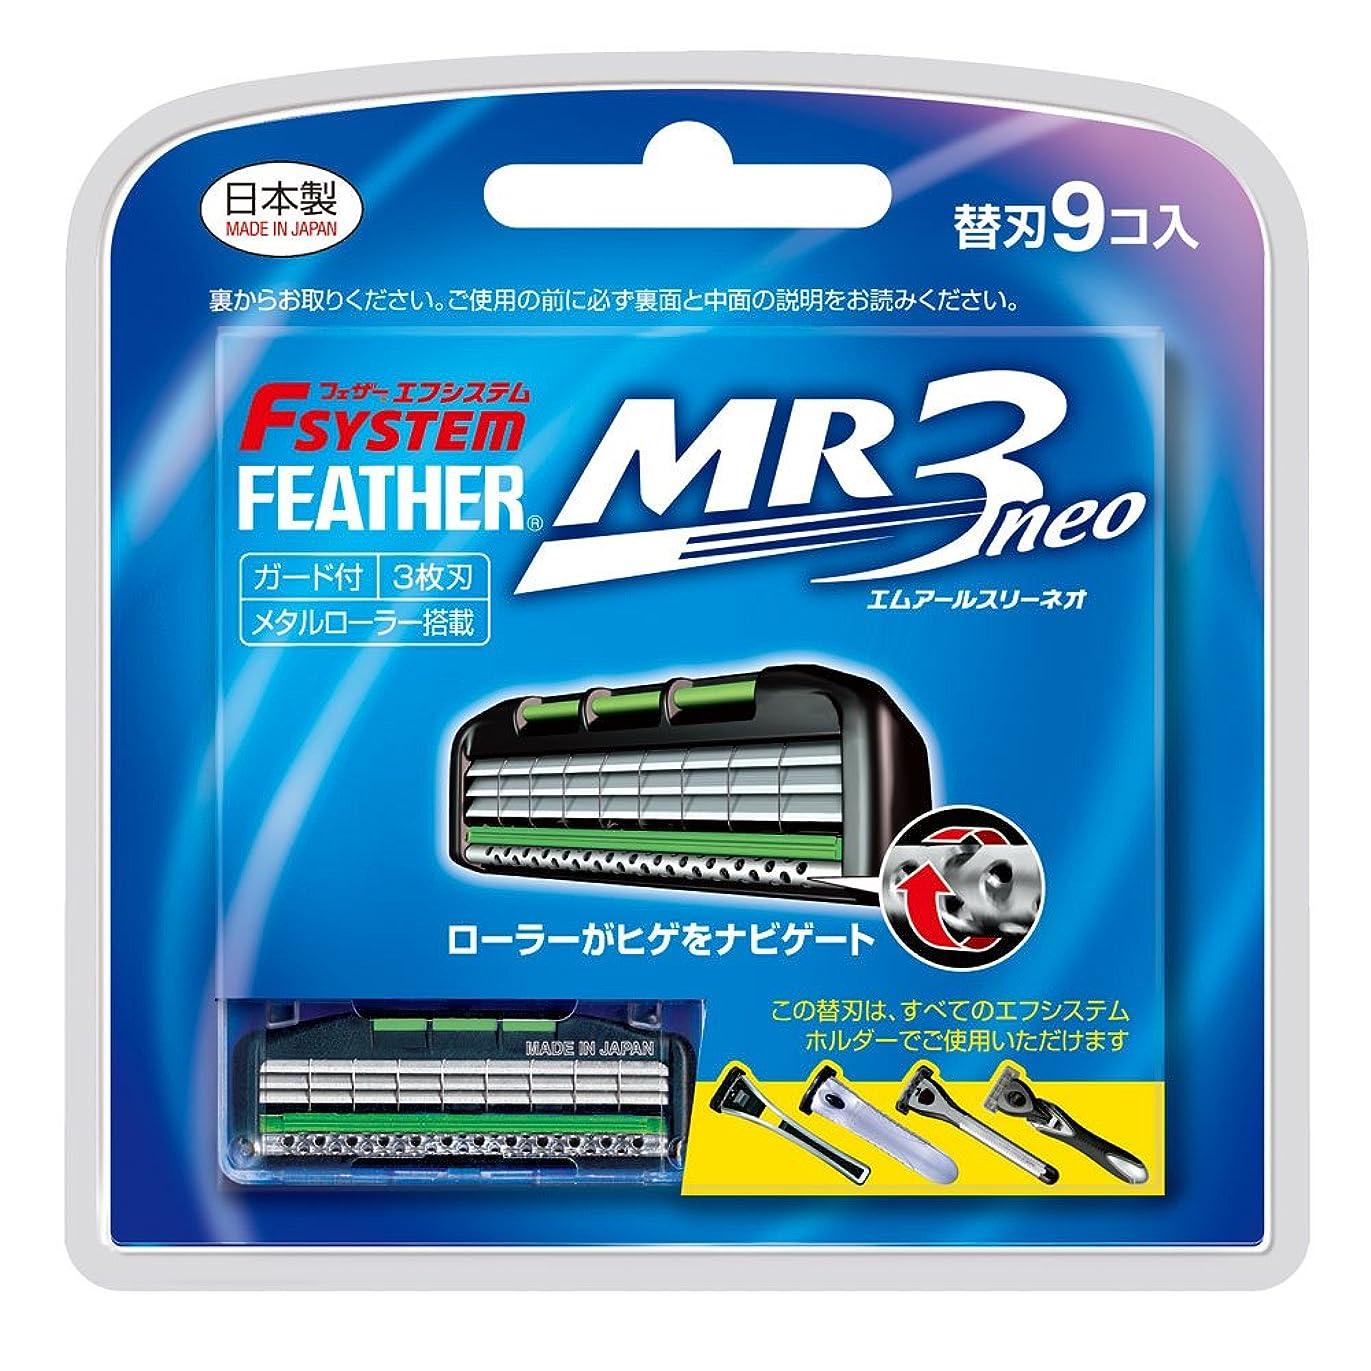 こどもの日ミス素晴らしいですフェザー エフシステム 替刃 MR3ネオ 9コ入